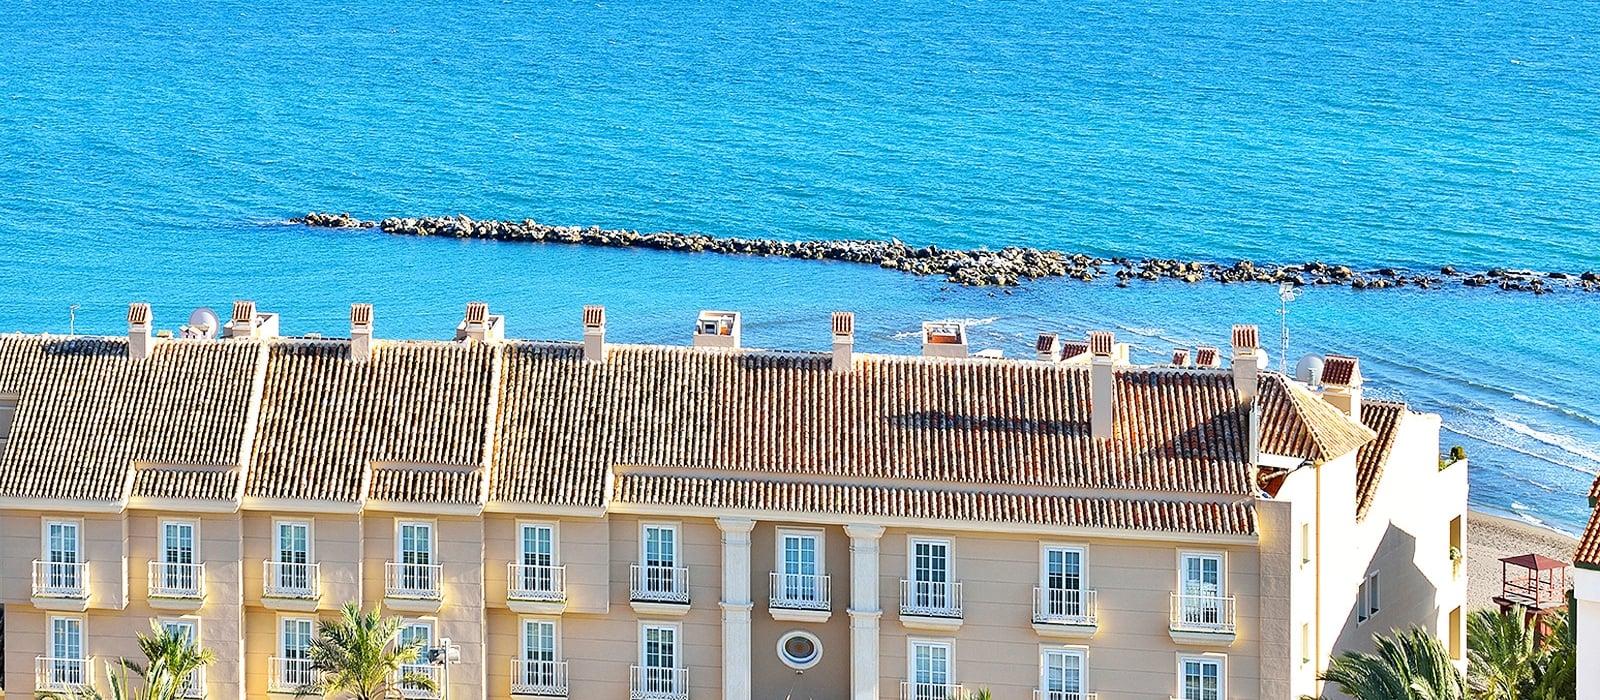 Seitenansicht - Vincci Aleysa Boutique&Spa 5* - Benalmádena - Málaga